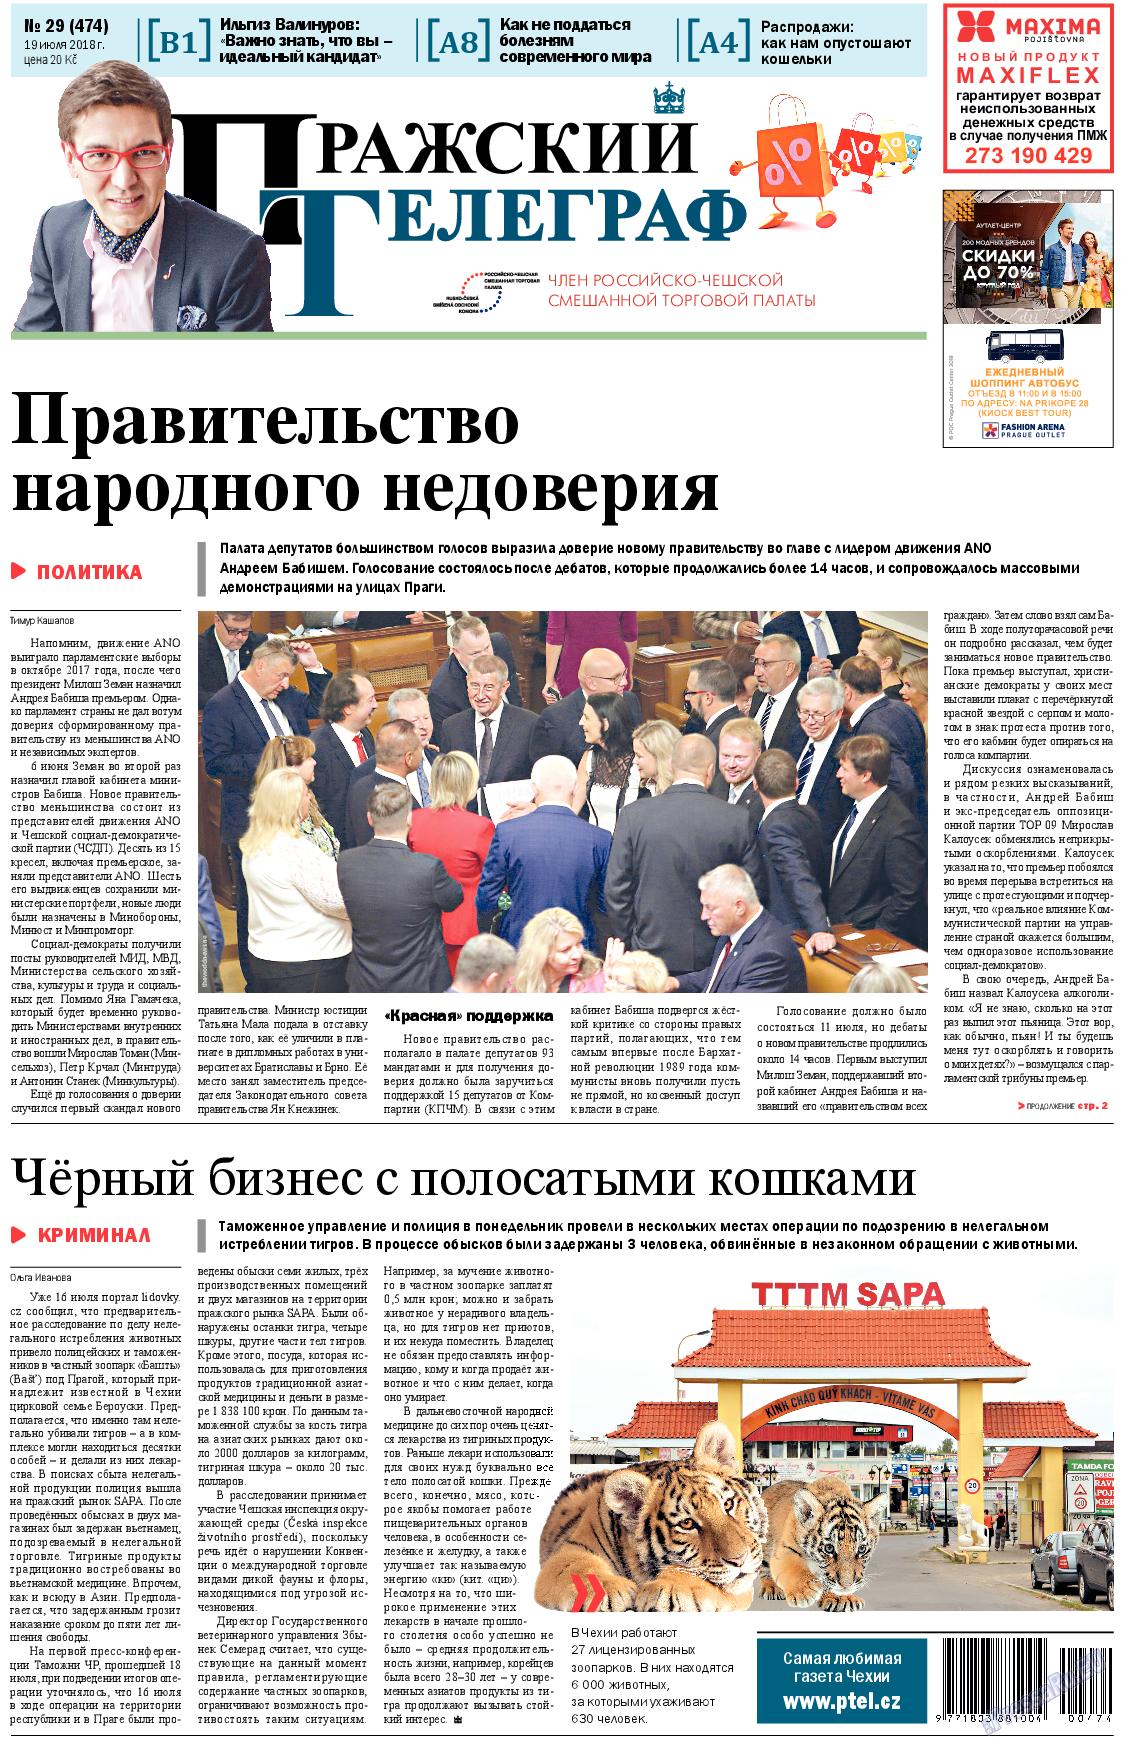 Пражский телеграф (газета). 2018 год, номер 29, стр. 1